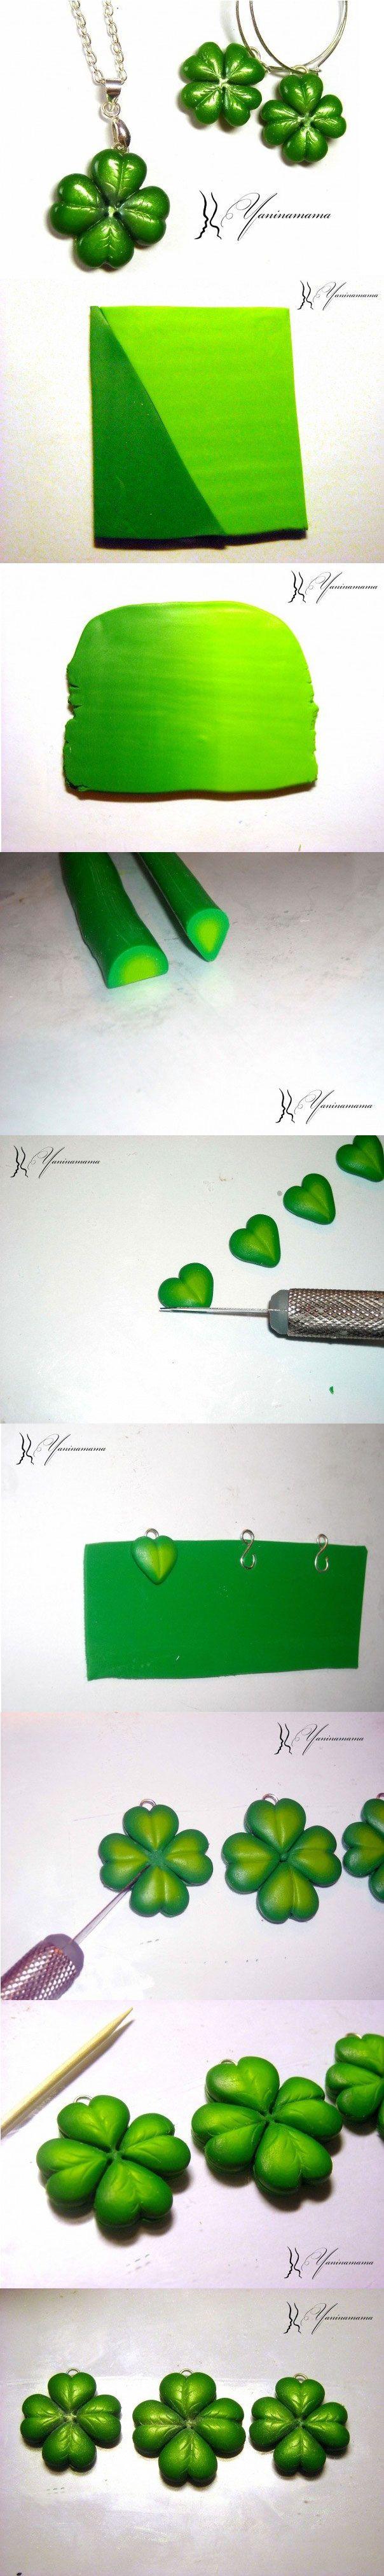 Créer des trèfles à quatre feuilles - Fimo, Cernit et accessoires : http://www.creactivites.com/236-pate-polymere